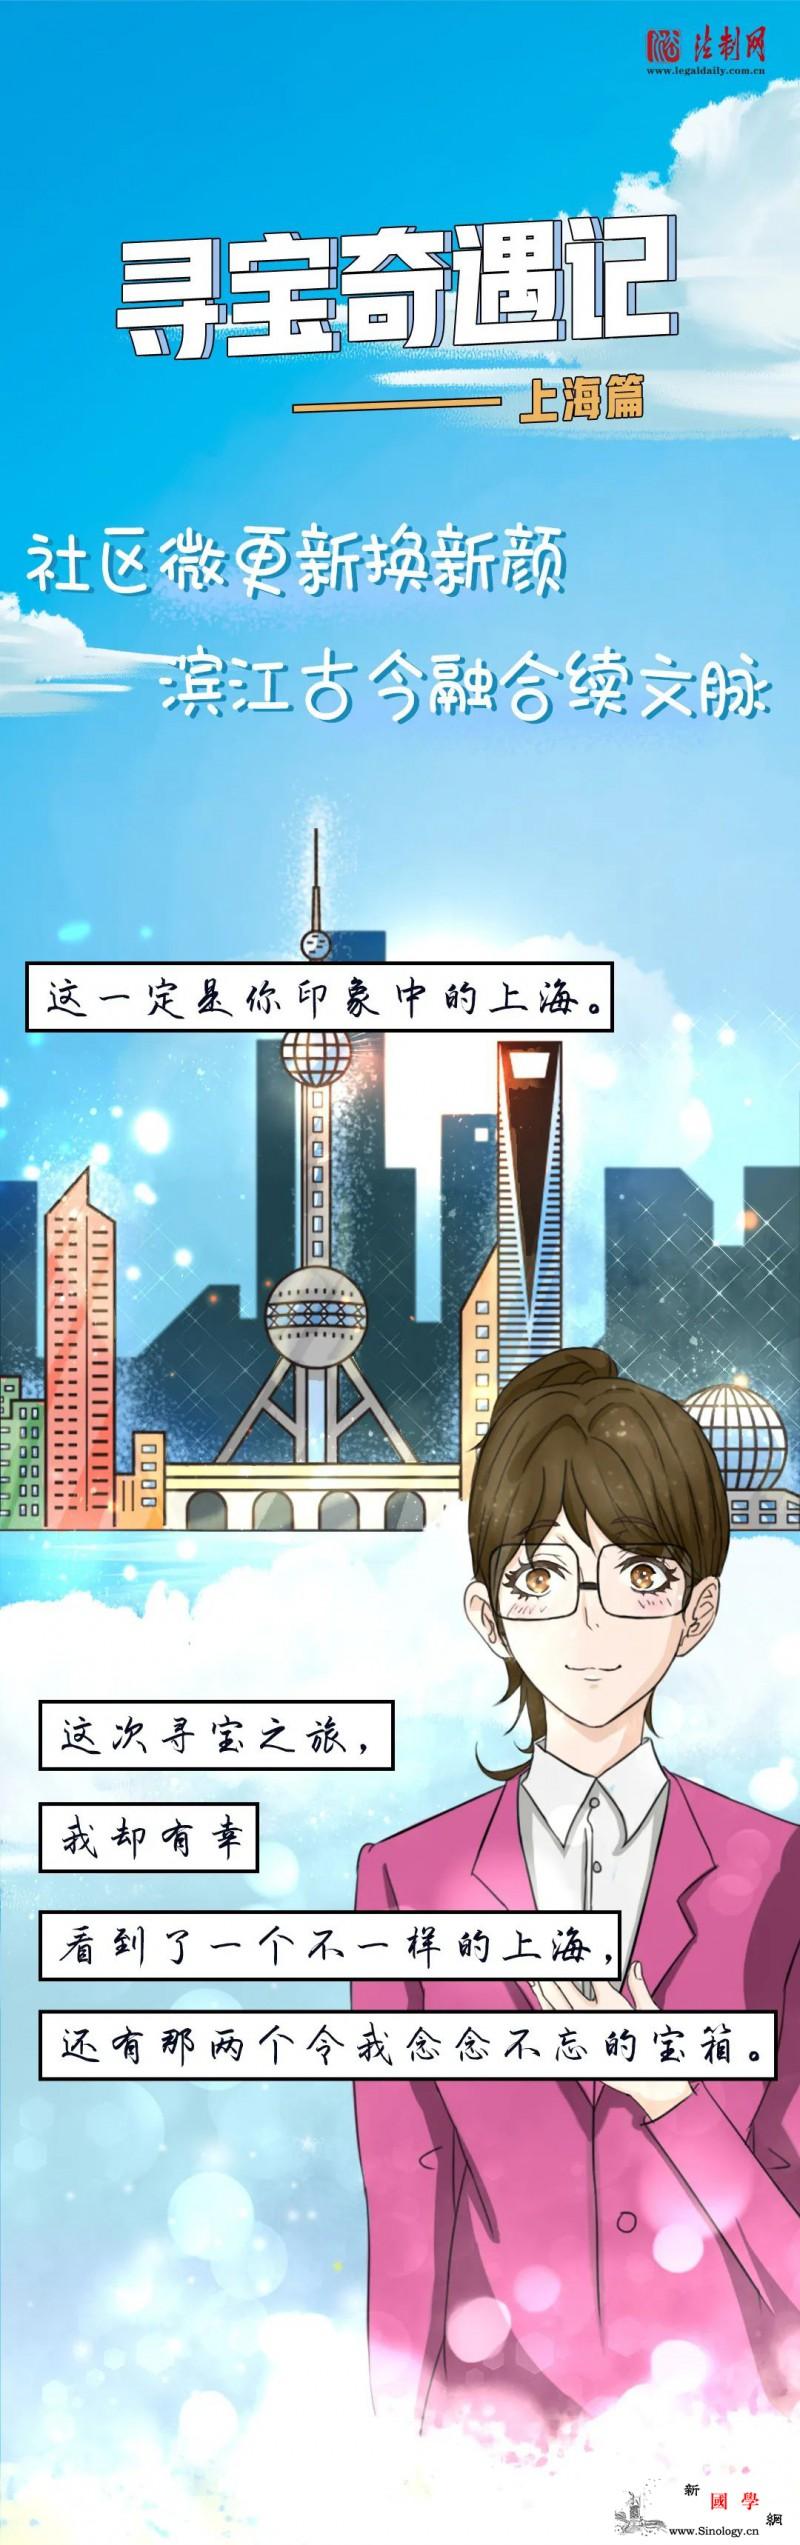 【大国小鲜@基层之治】寻宝奇遇记——_国小-编辑-上海-